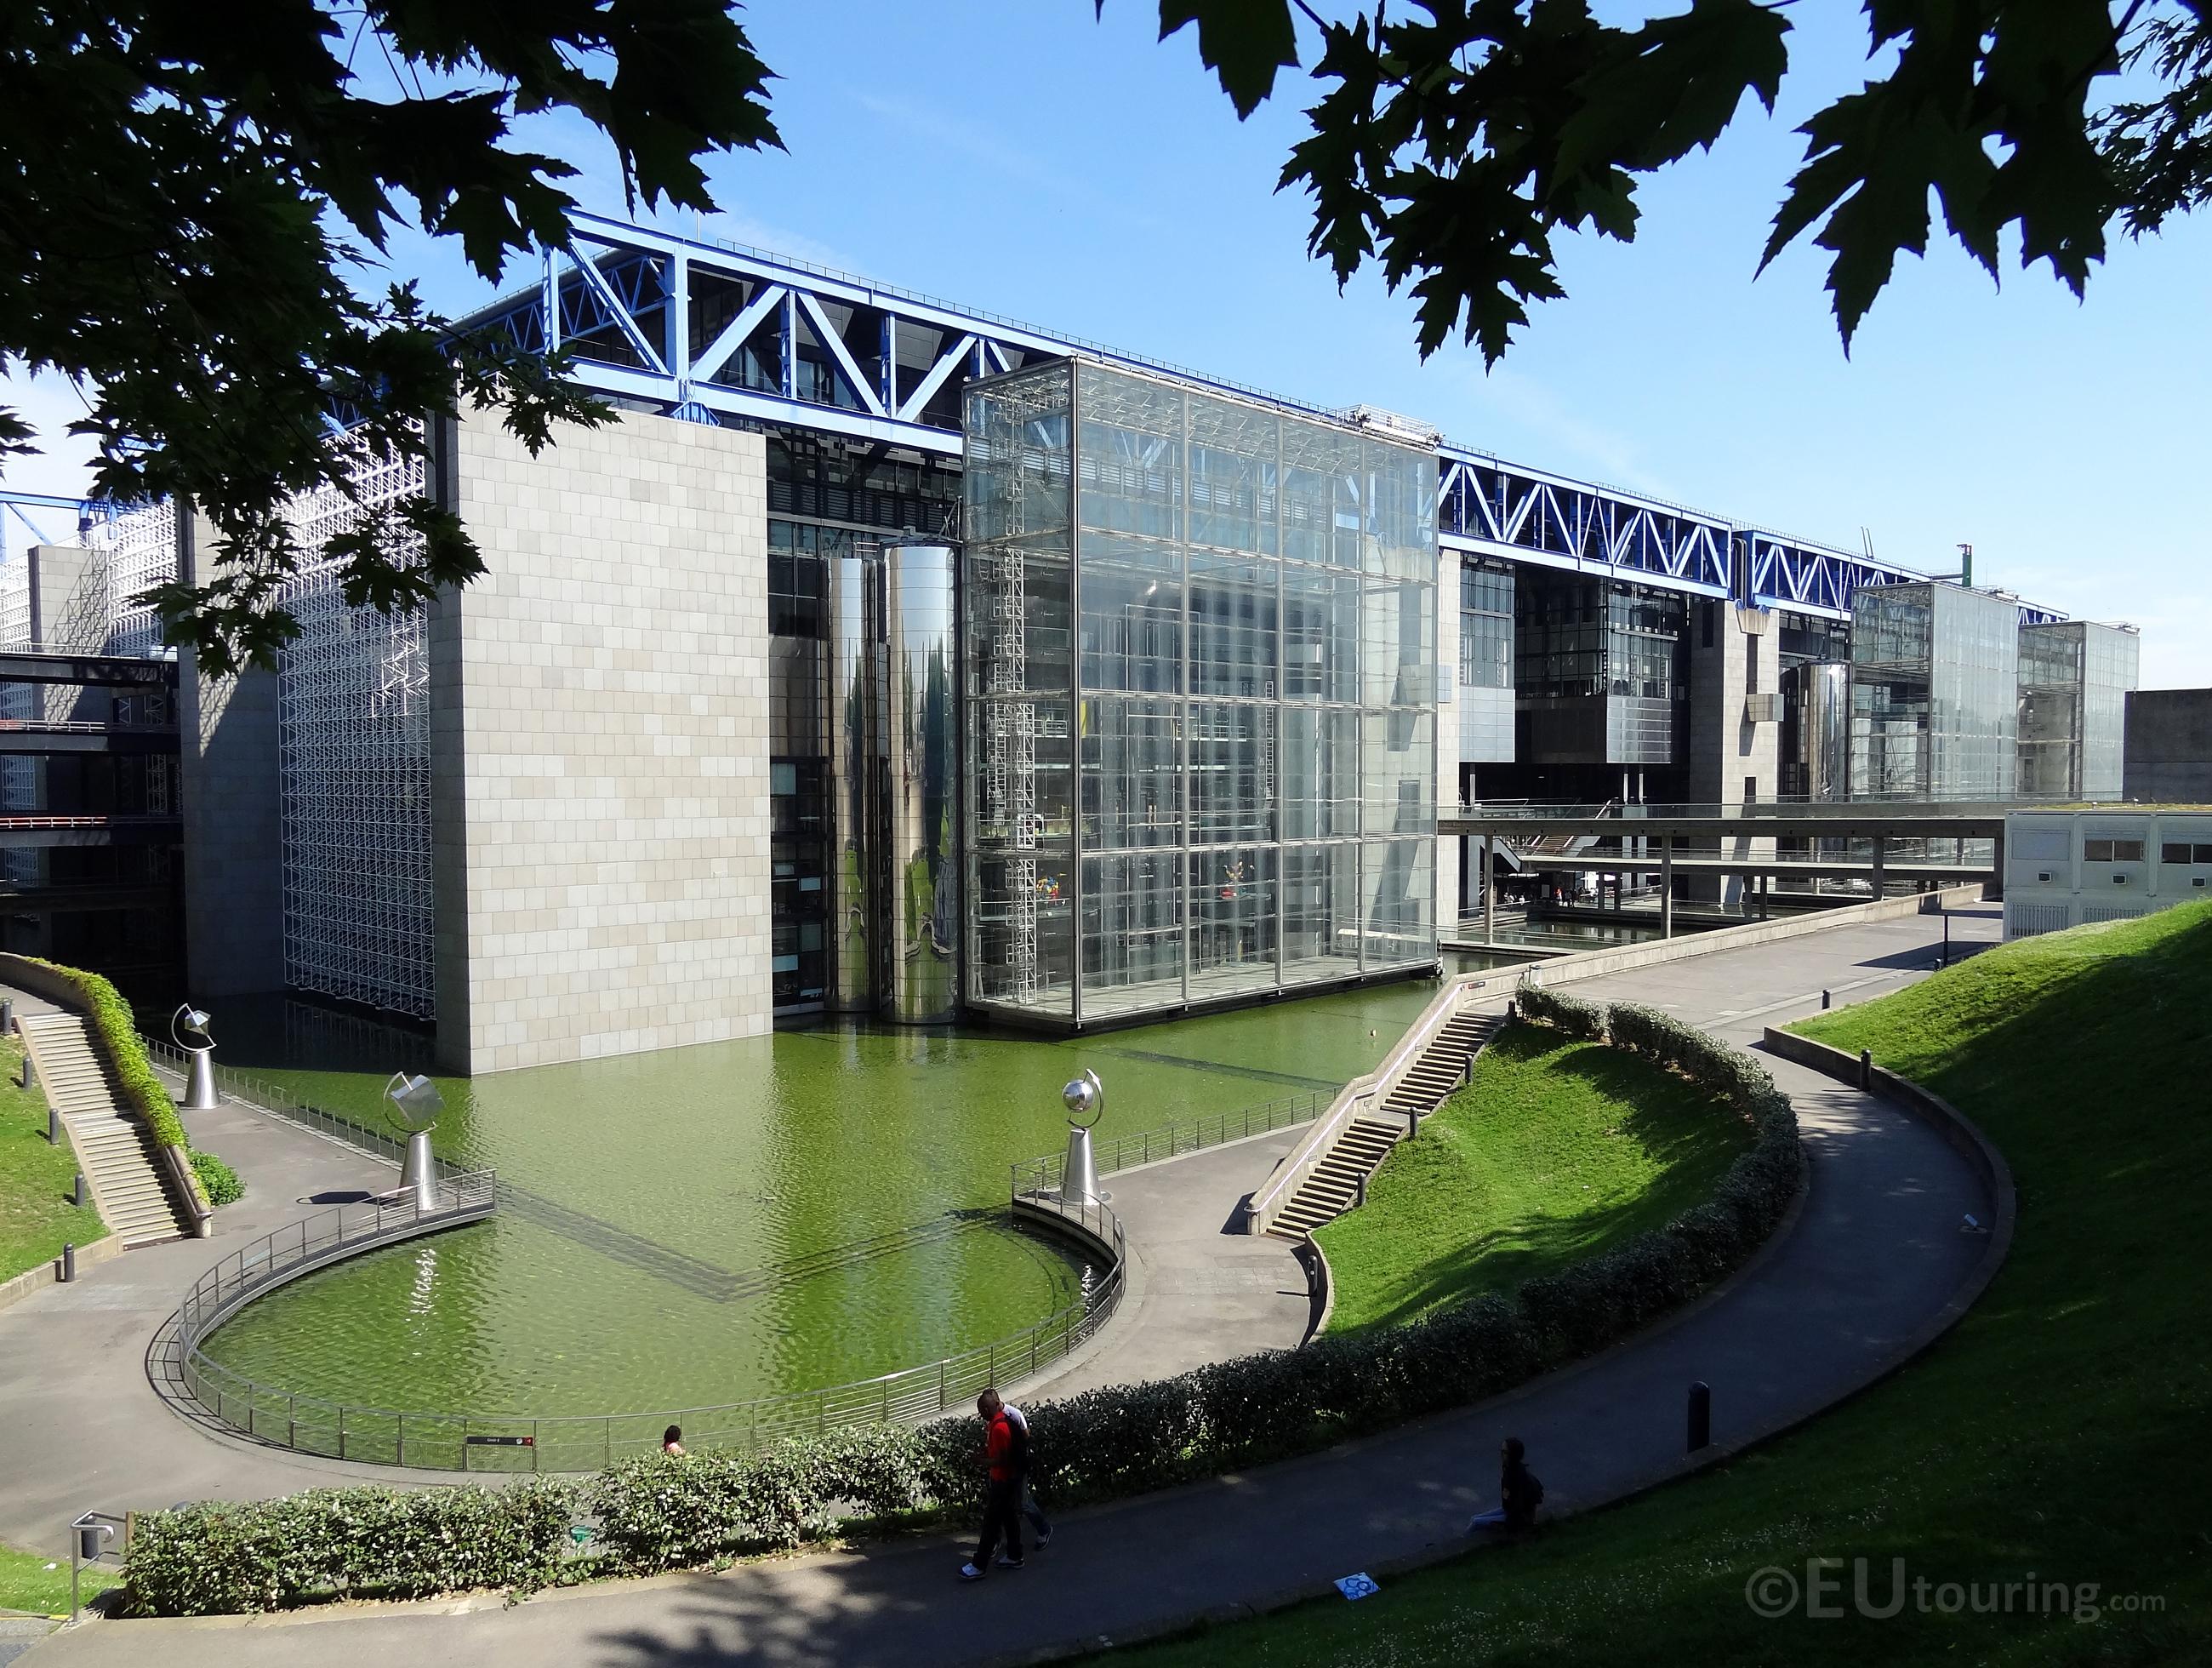 The front of Cite des Sciences